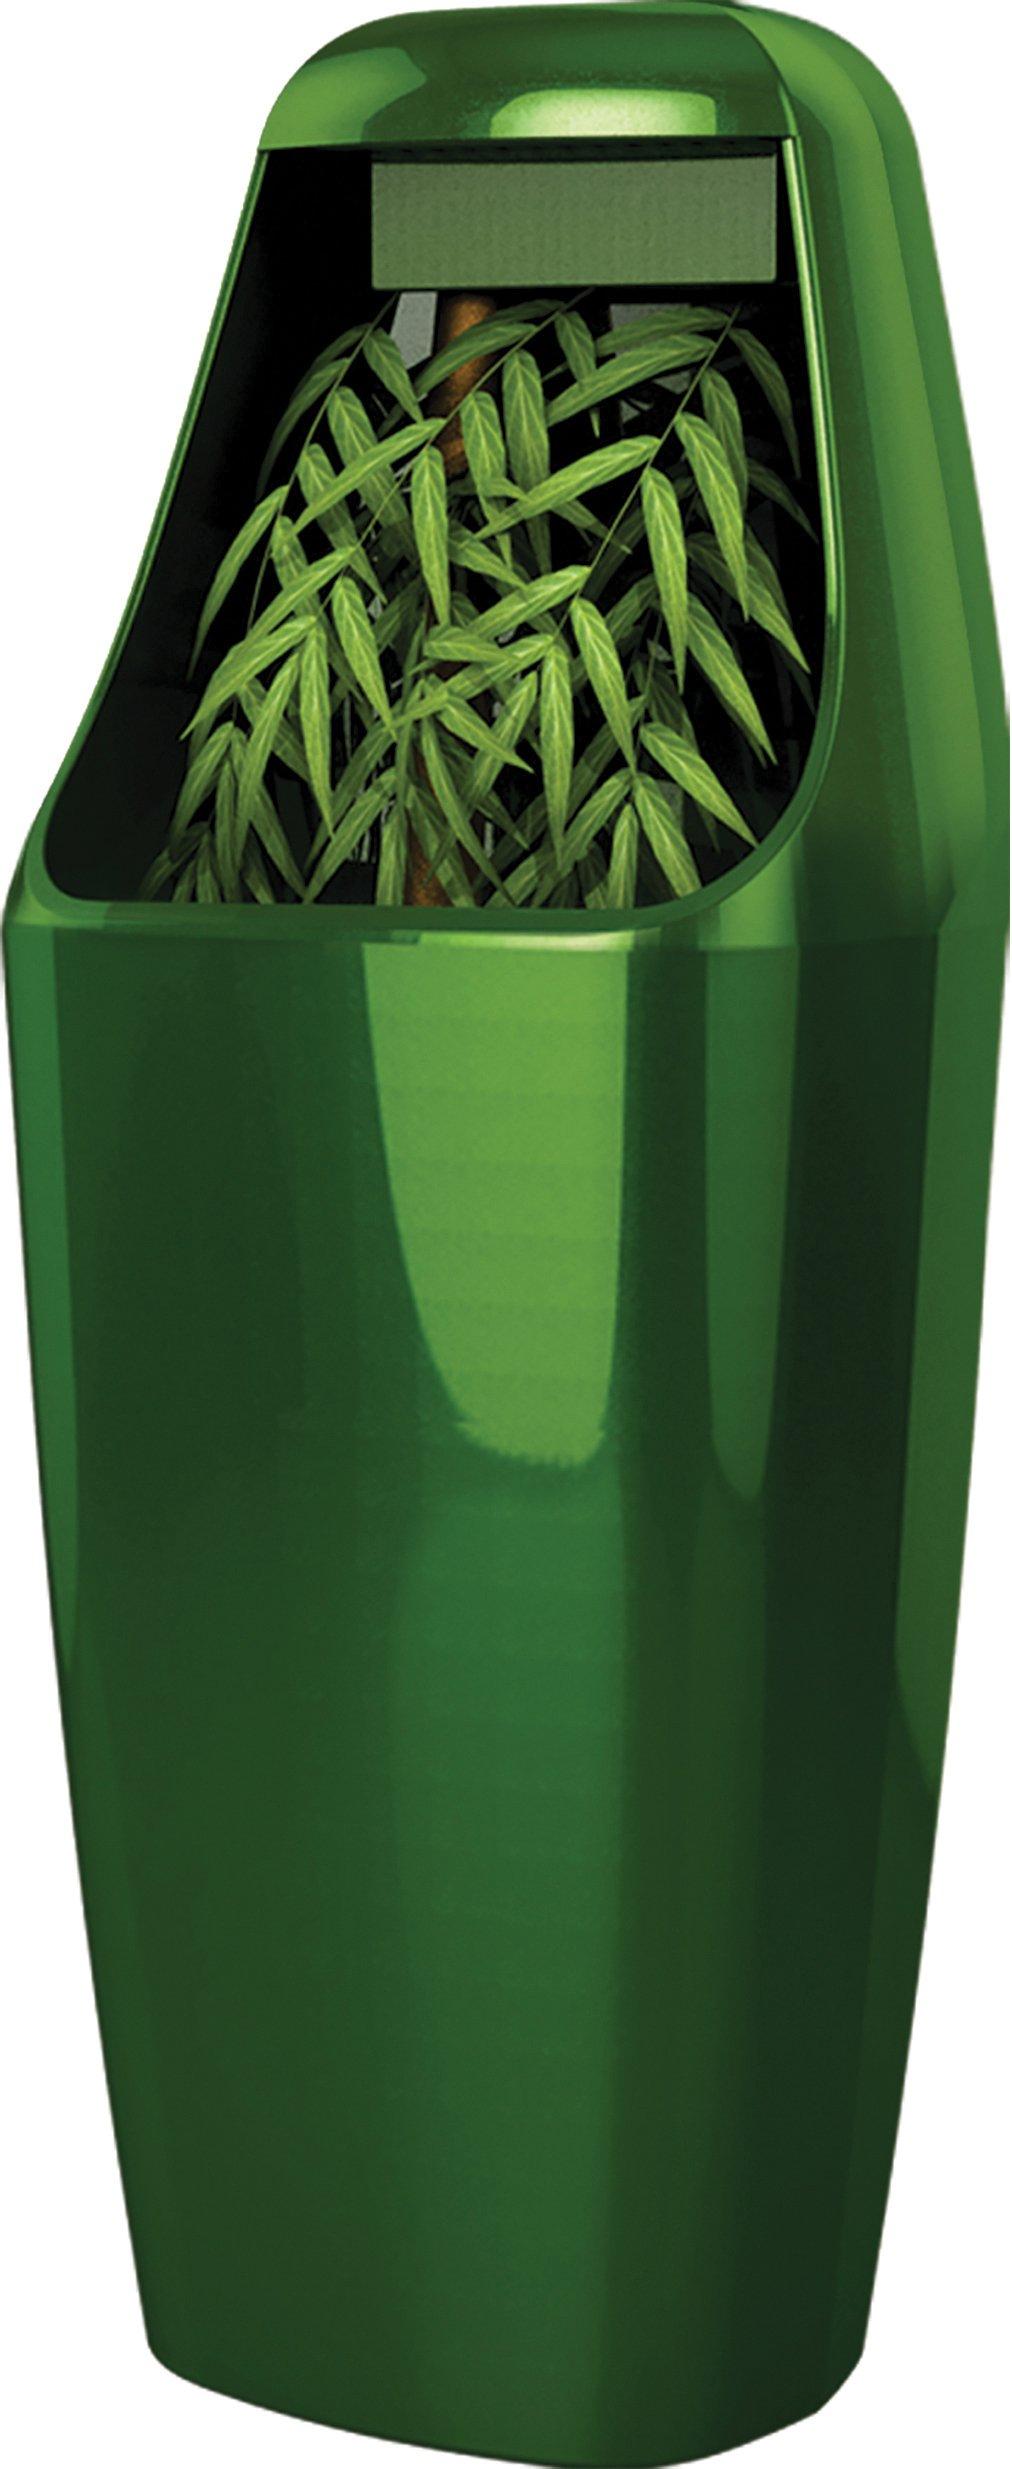 BioBubble Reptile Drinking Fountain, Green